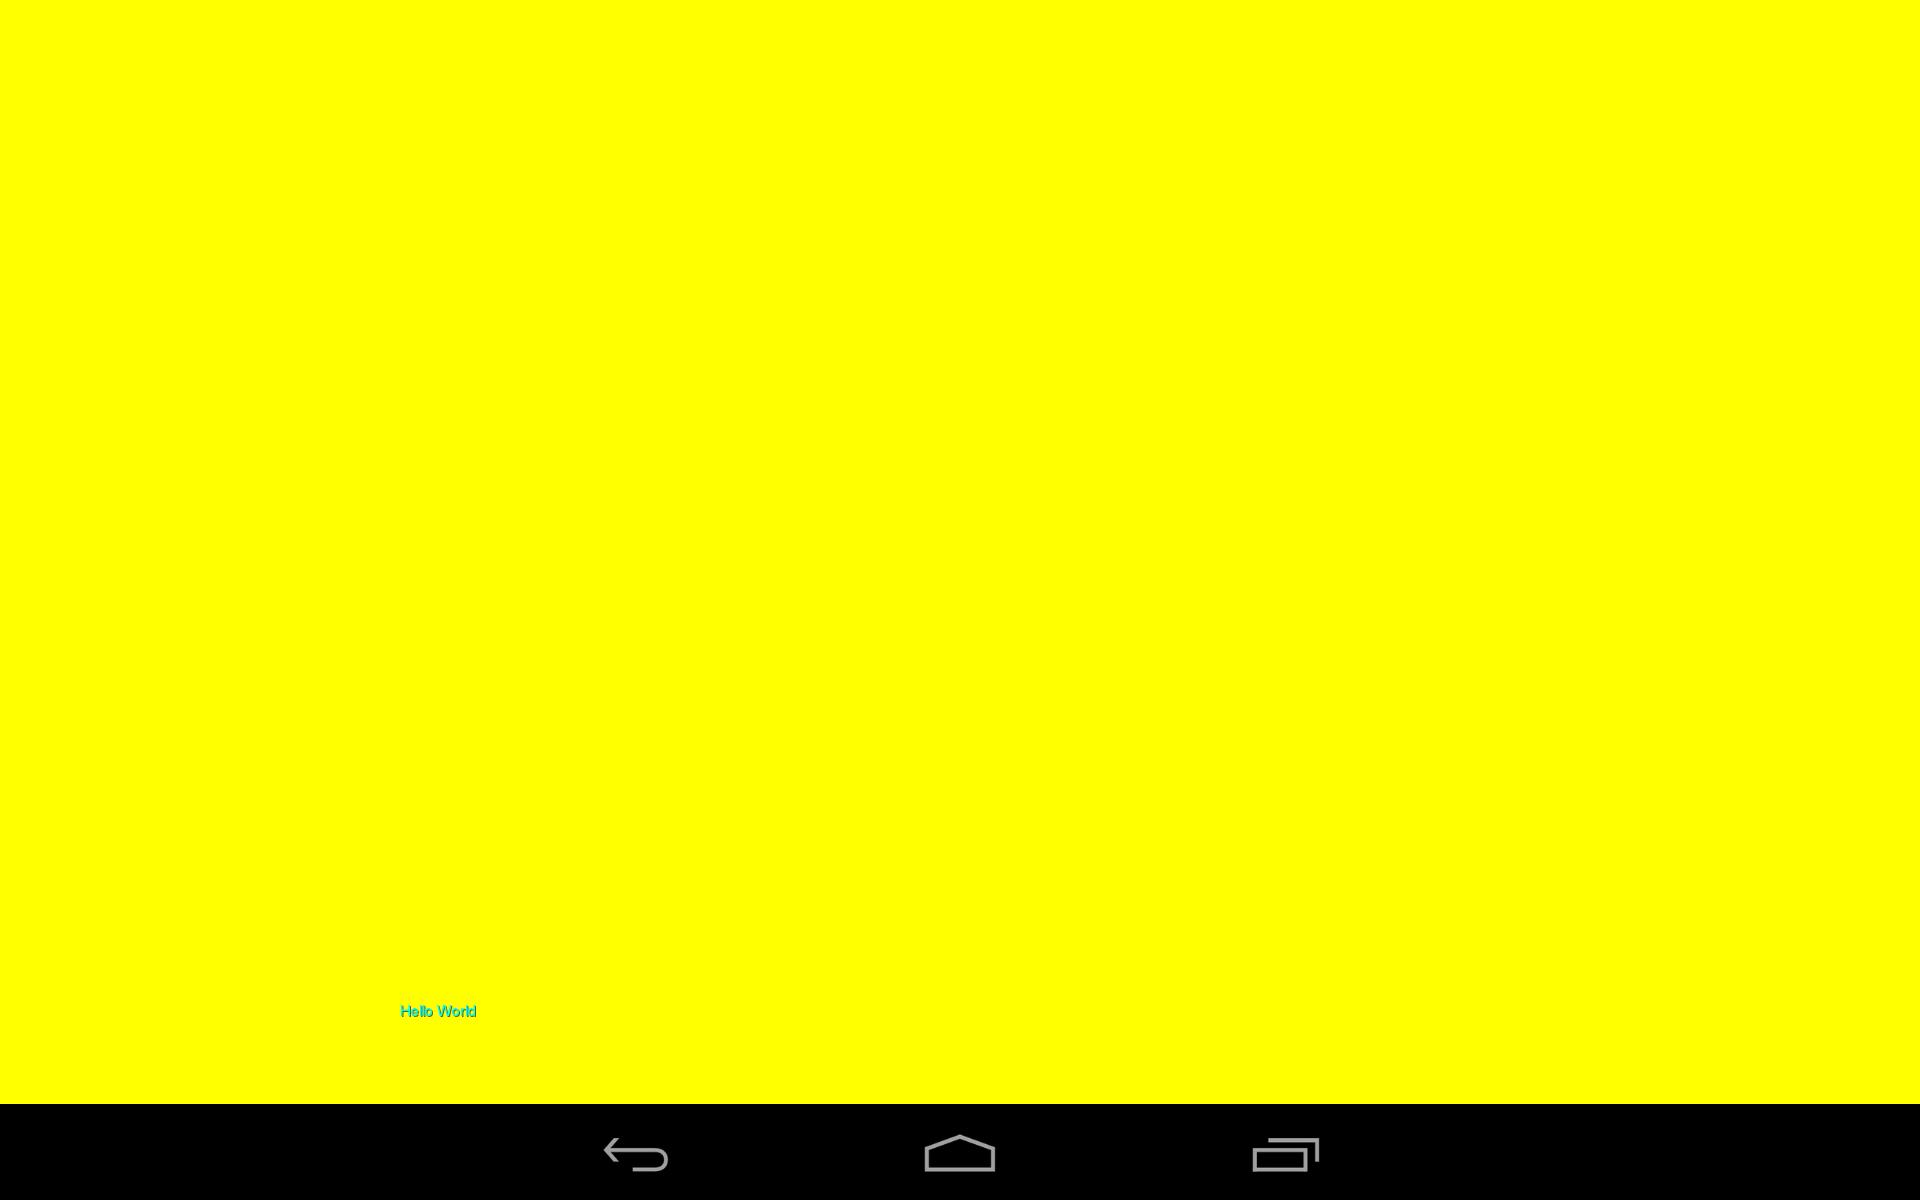 регион мендоса, фотография для проверки пикселей айфона ветров саратове также